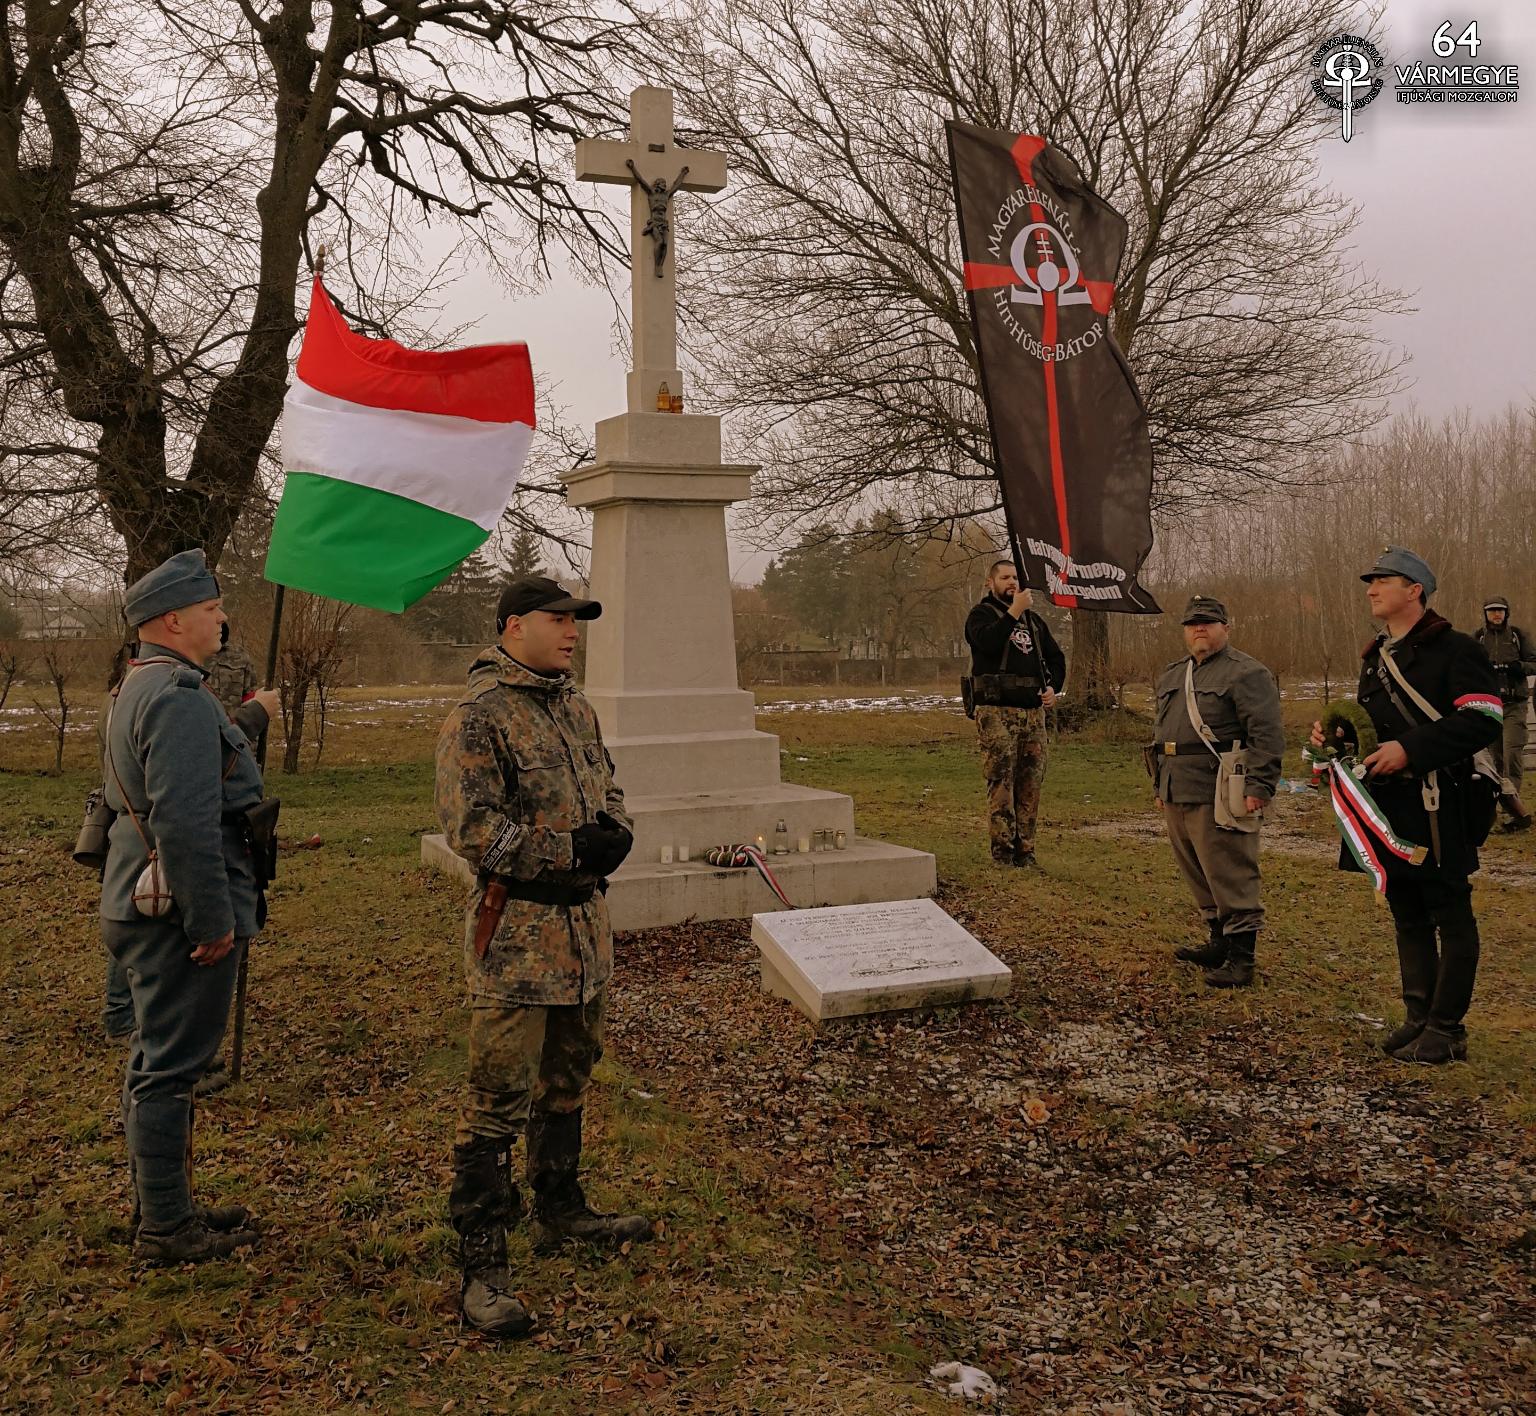 Mozgalmunk társvezetője Incze Béla párhuzamot vont a cseh-kiverésben részt vett katonák, vasutasok és civilek önkéntes szerepvállalása és napjaink nacionalista aktivistáinak szintén saját elhatározáson alapuló küzdelmei közt.